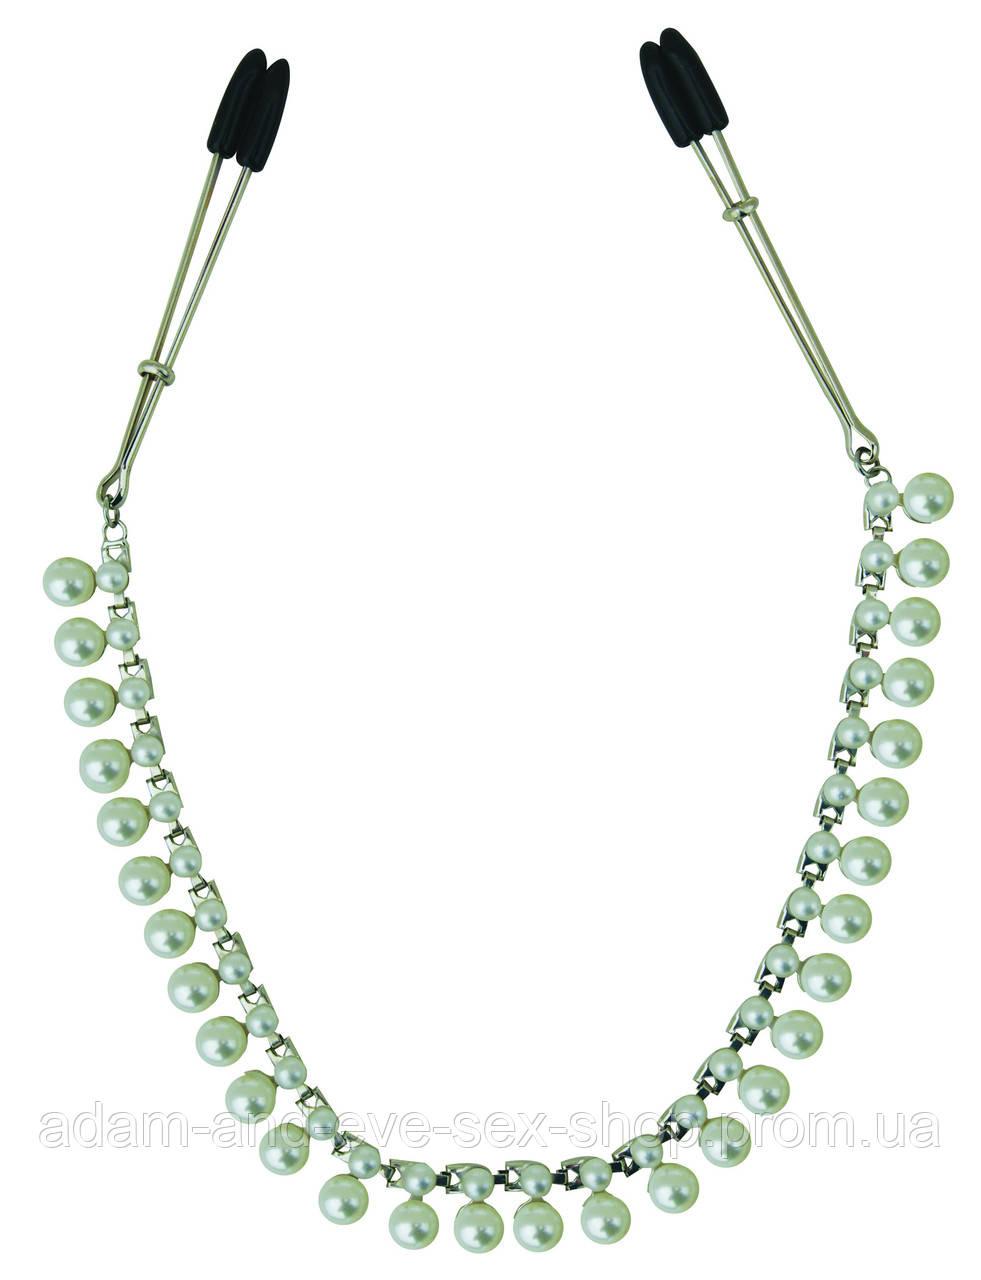 Зажимы для сосков с цепочкой украшение Sportsheets Midnight Pearl Chain Nipple